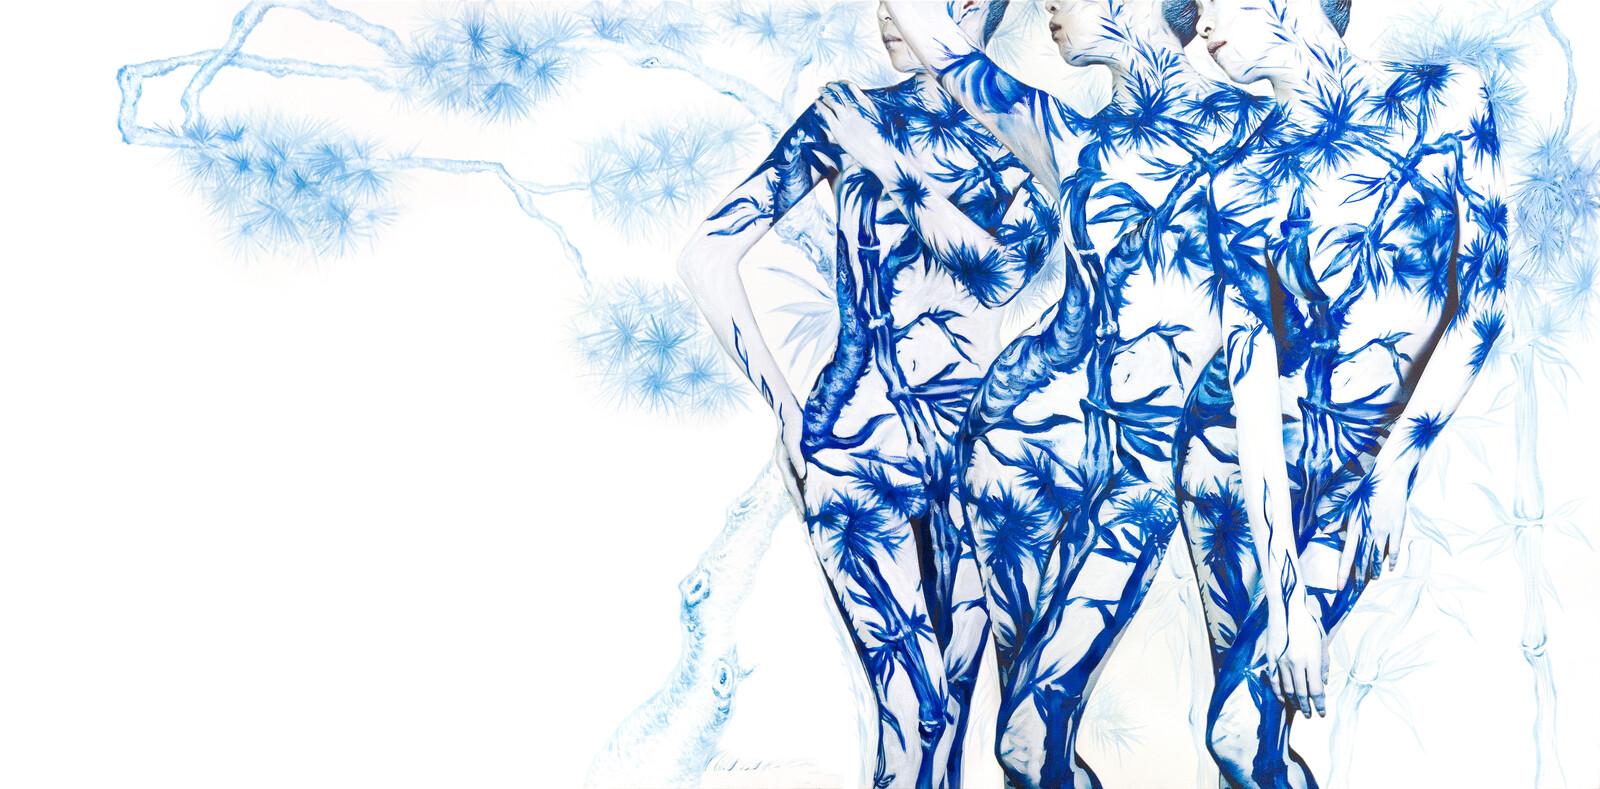 Blue White Porcelain 01 - Dallae Bae